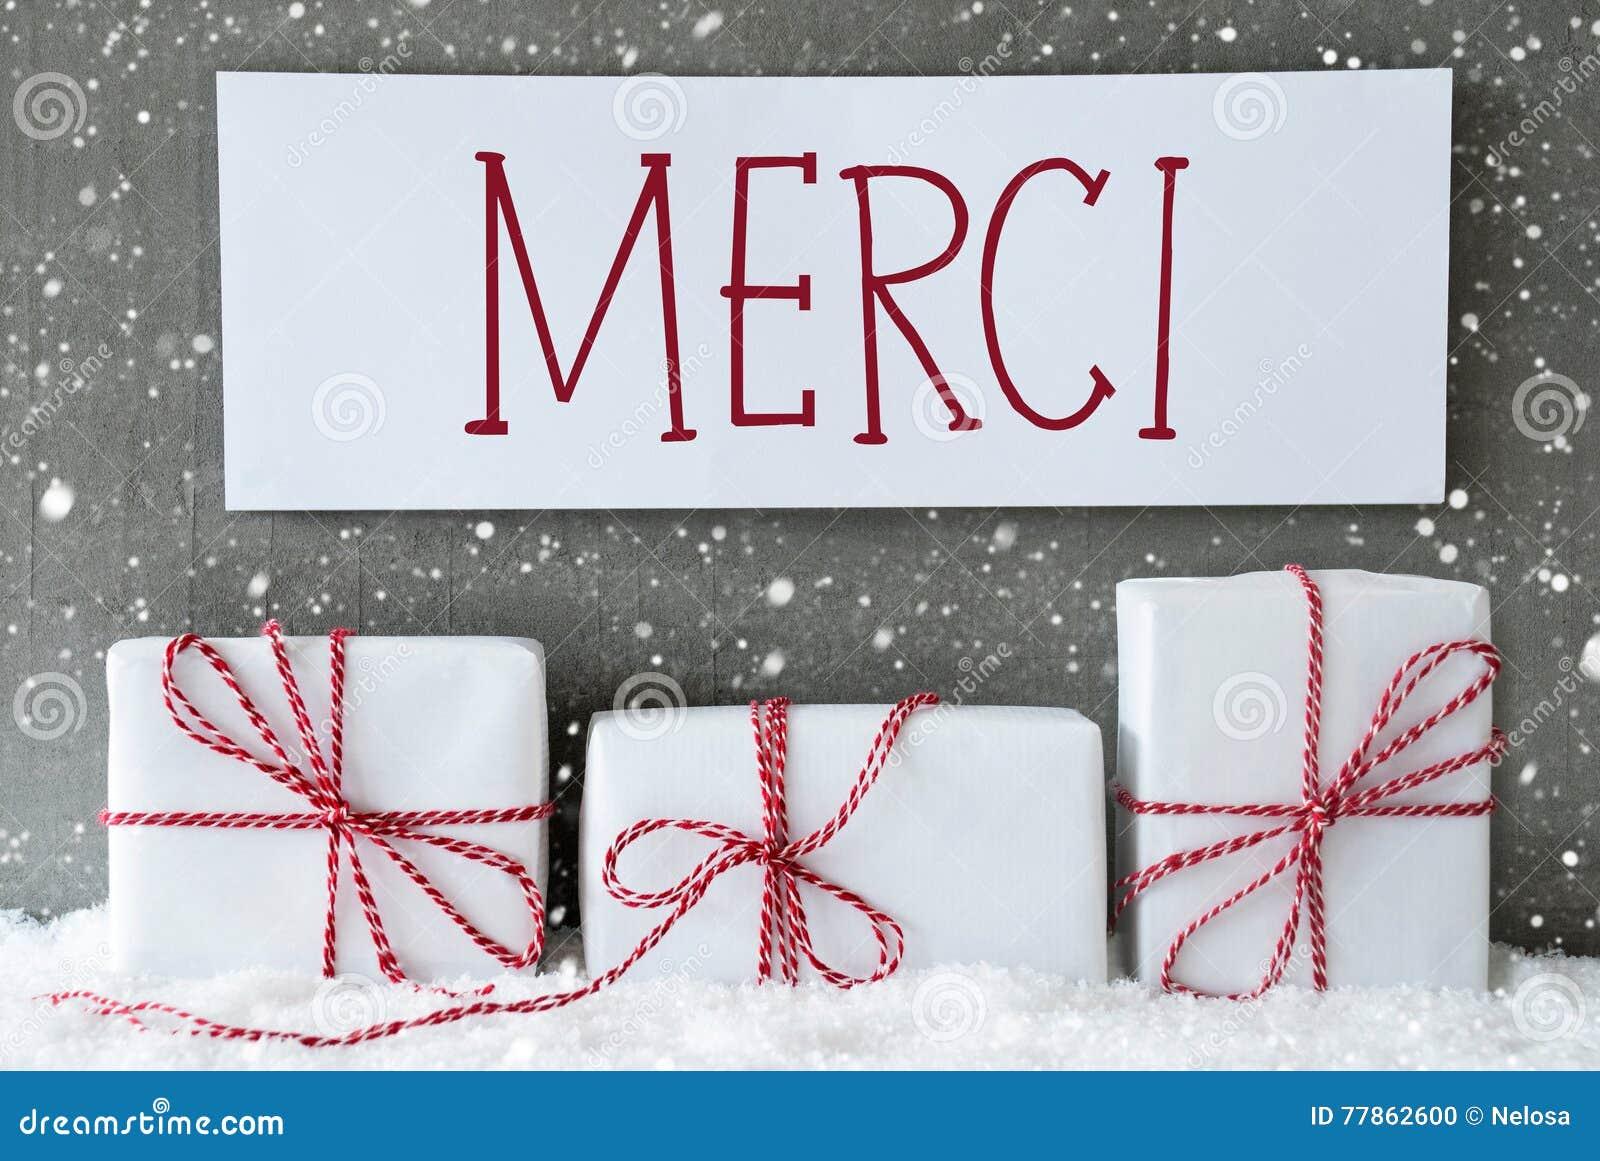 Weißes Geschenk Mit Schneeflocken, Merci-Durchschnitte Danken Ihnen ...